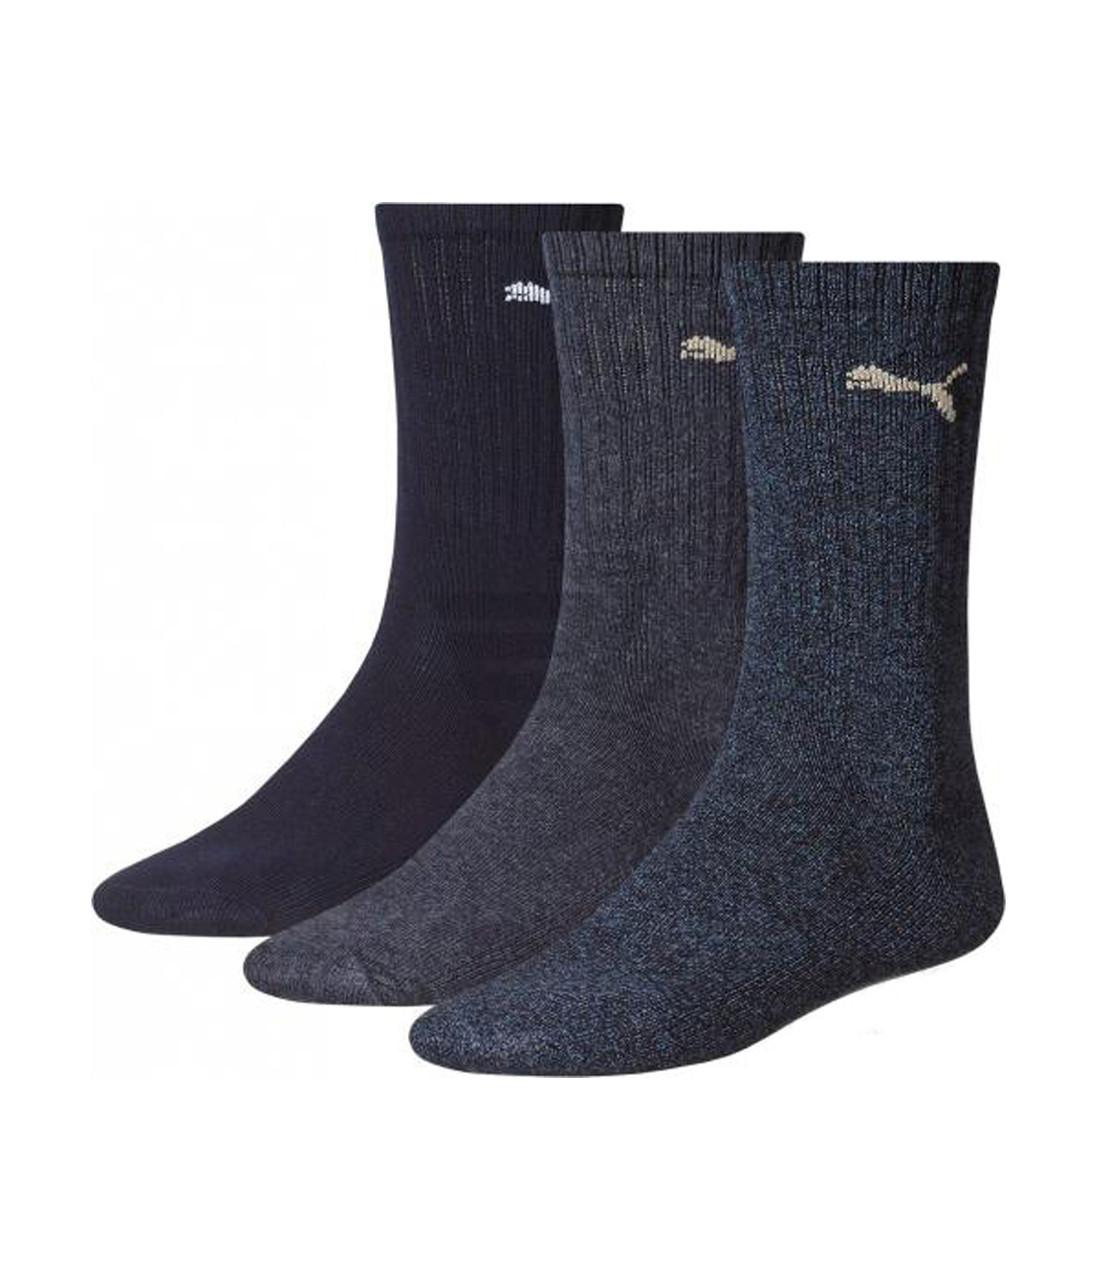 Мужские носки Puma Puma Sport 3-Pack